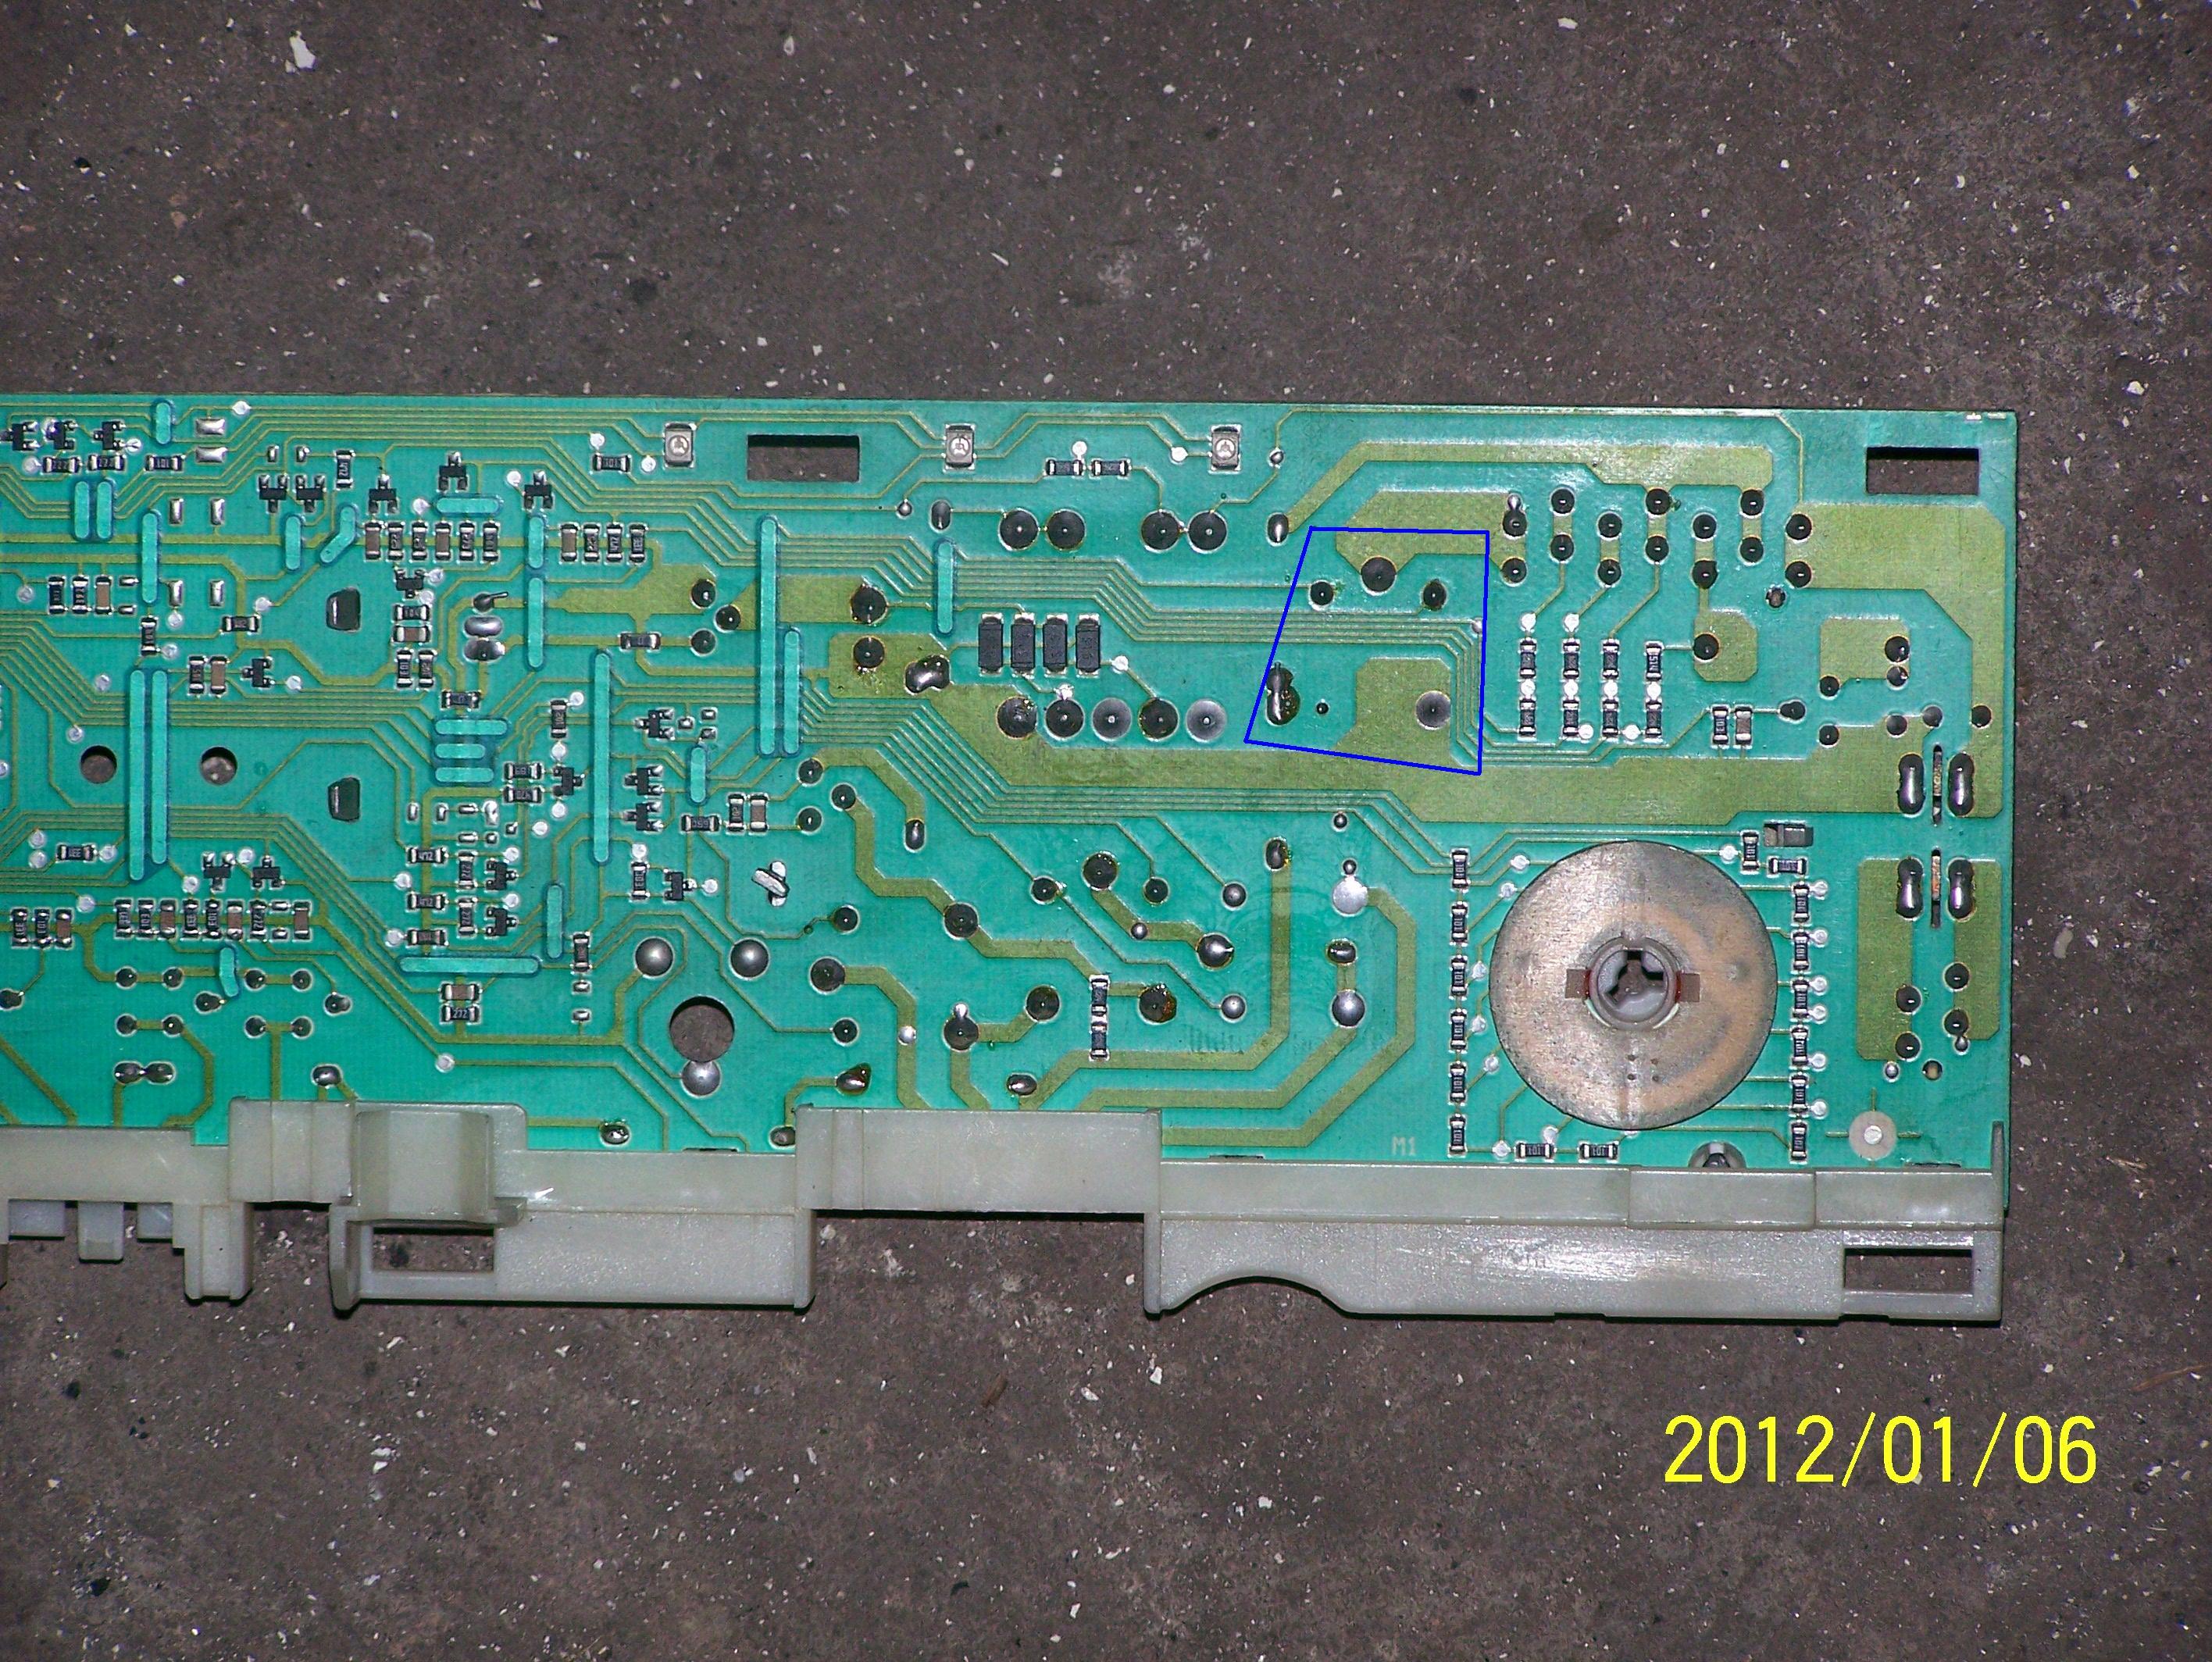 Amica Dynamic System  nie grzeje wody + wyciek  elektroda pl -> Kuchenka Elektryczna Amica Nie Grzeje